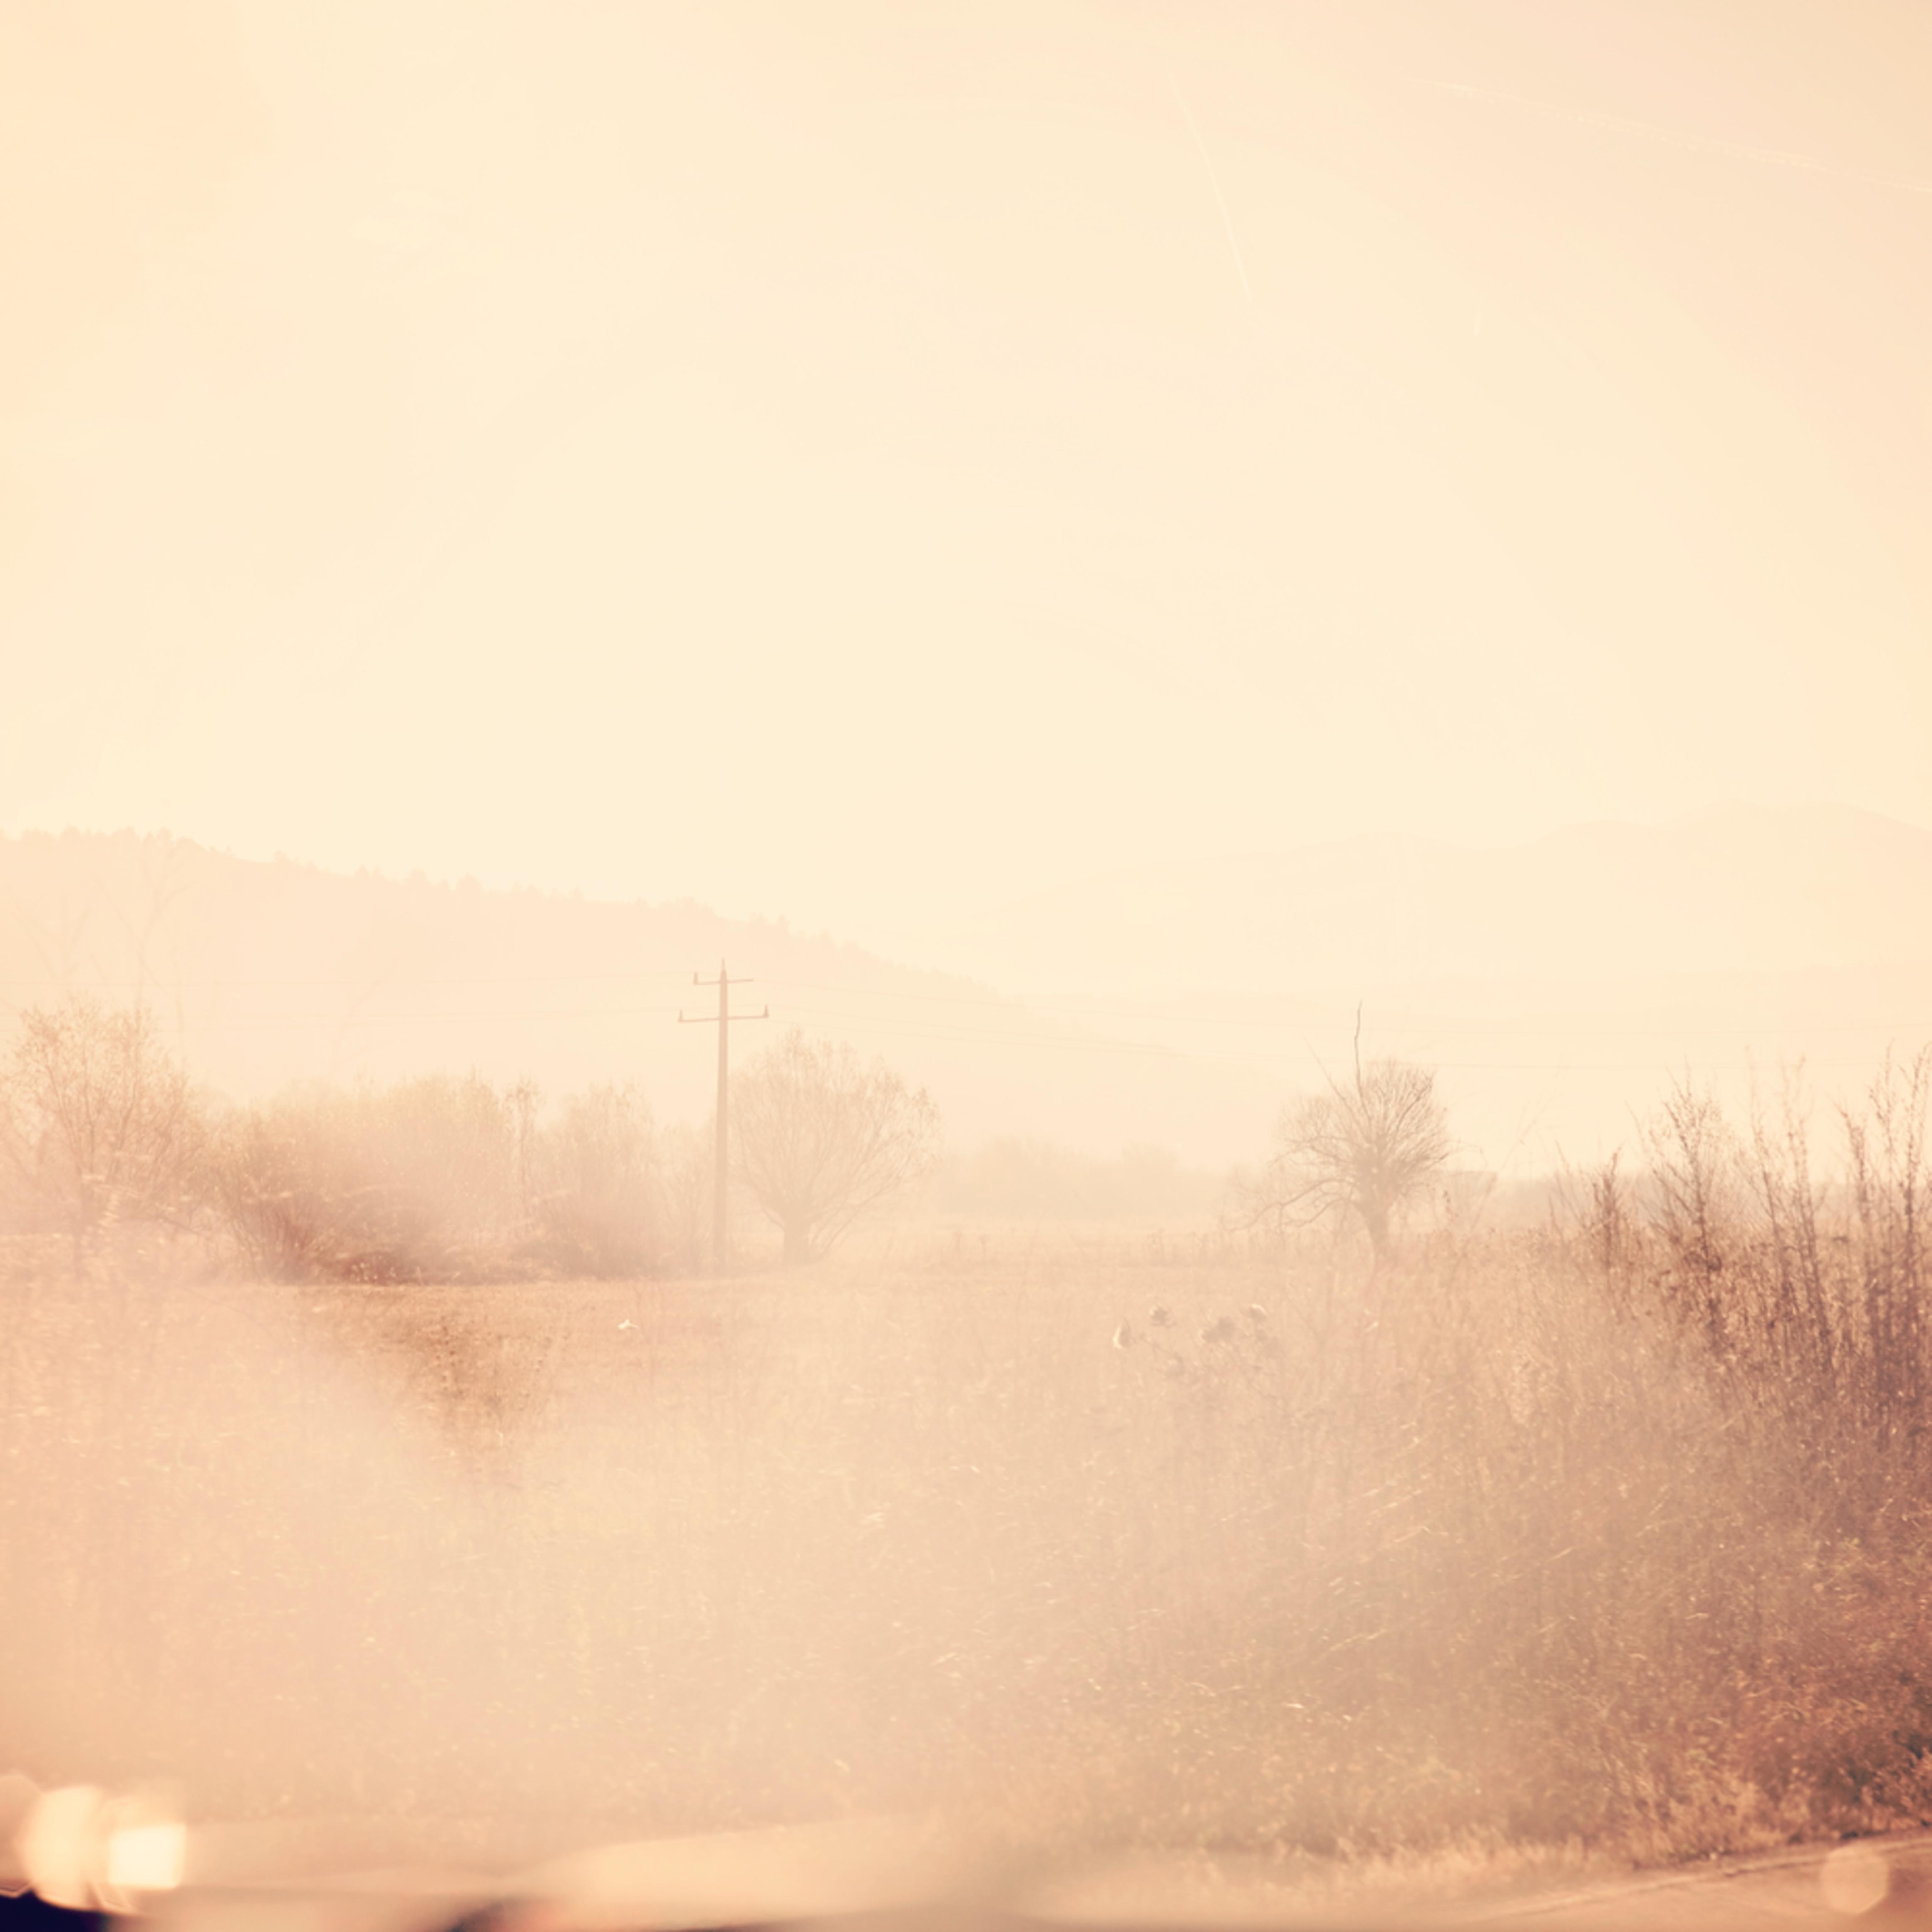 Silent landscape 14 fine art print silvia nikolov qgzq3v